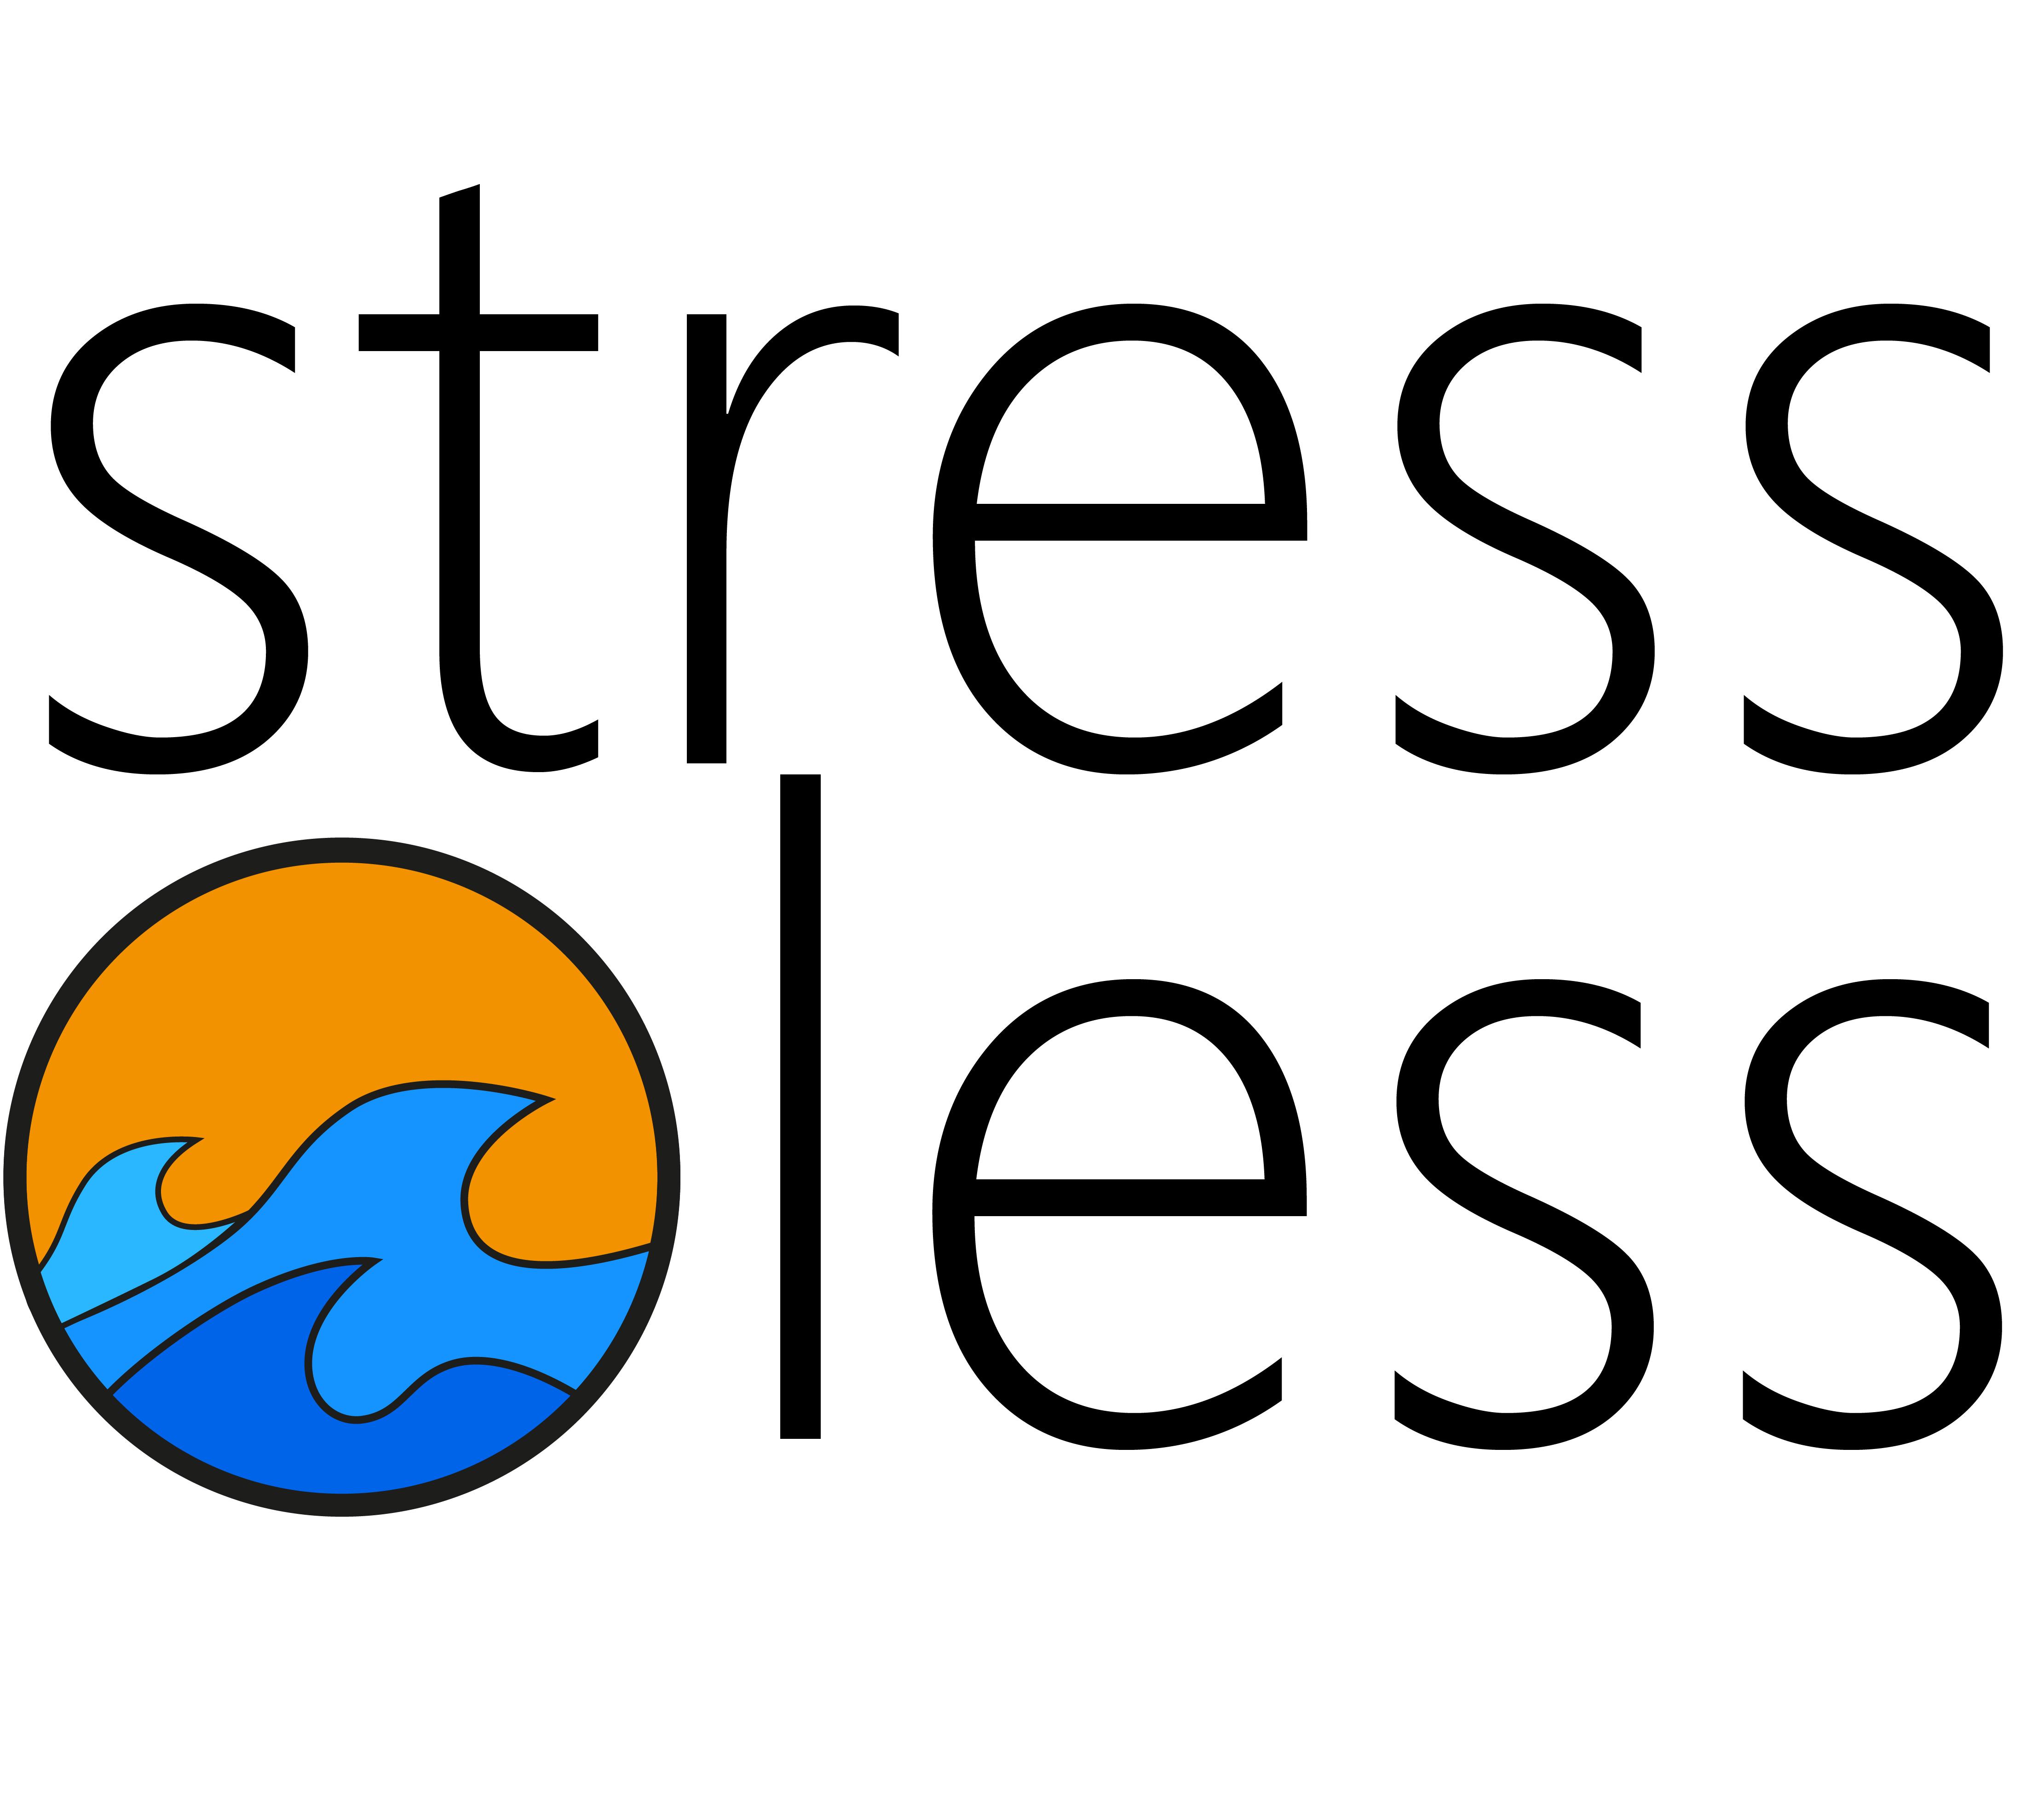 Stressless – psychoterapia na warszawskiej Ochocie po polsku, angielsku i francusku